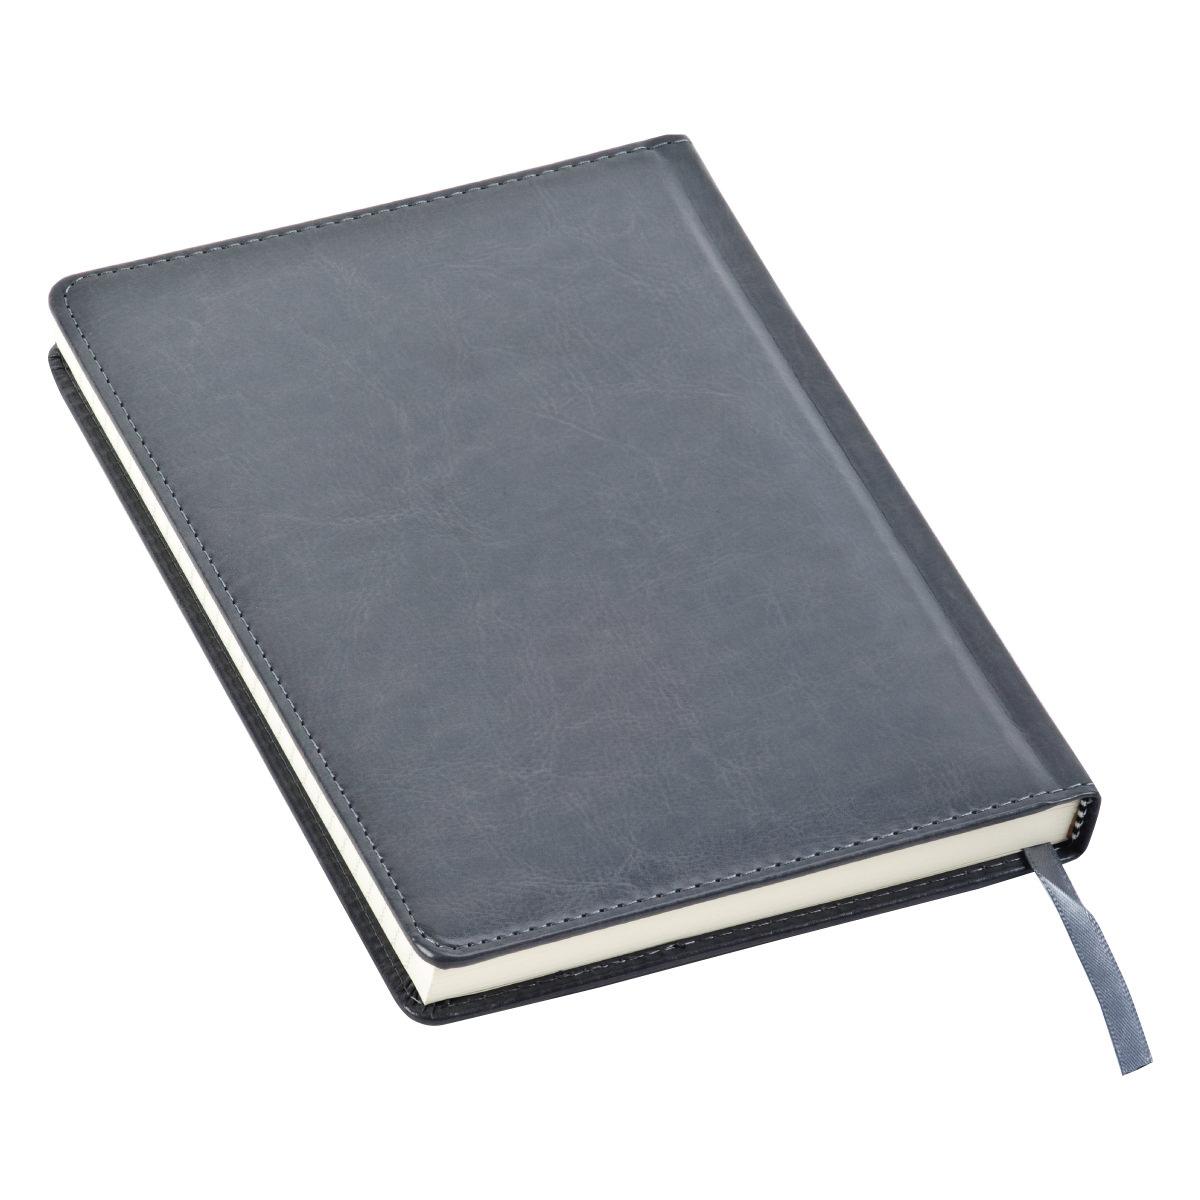 מחברת A5, כריכה קשה, 120 דפי שורה